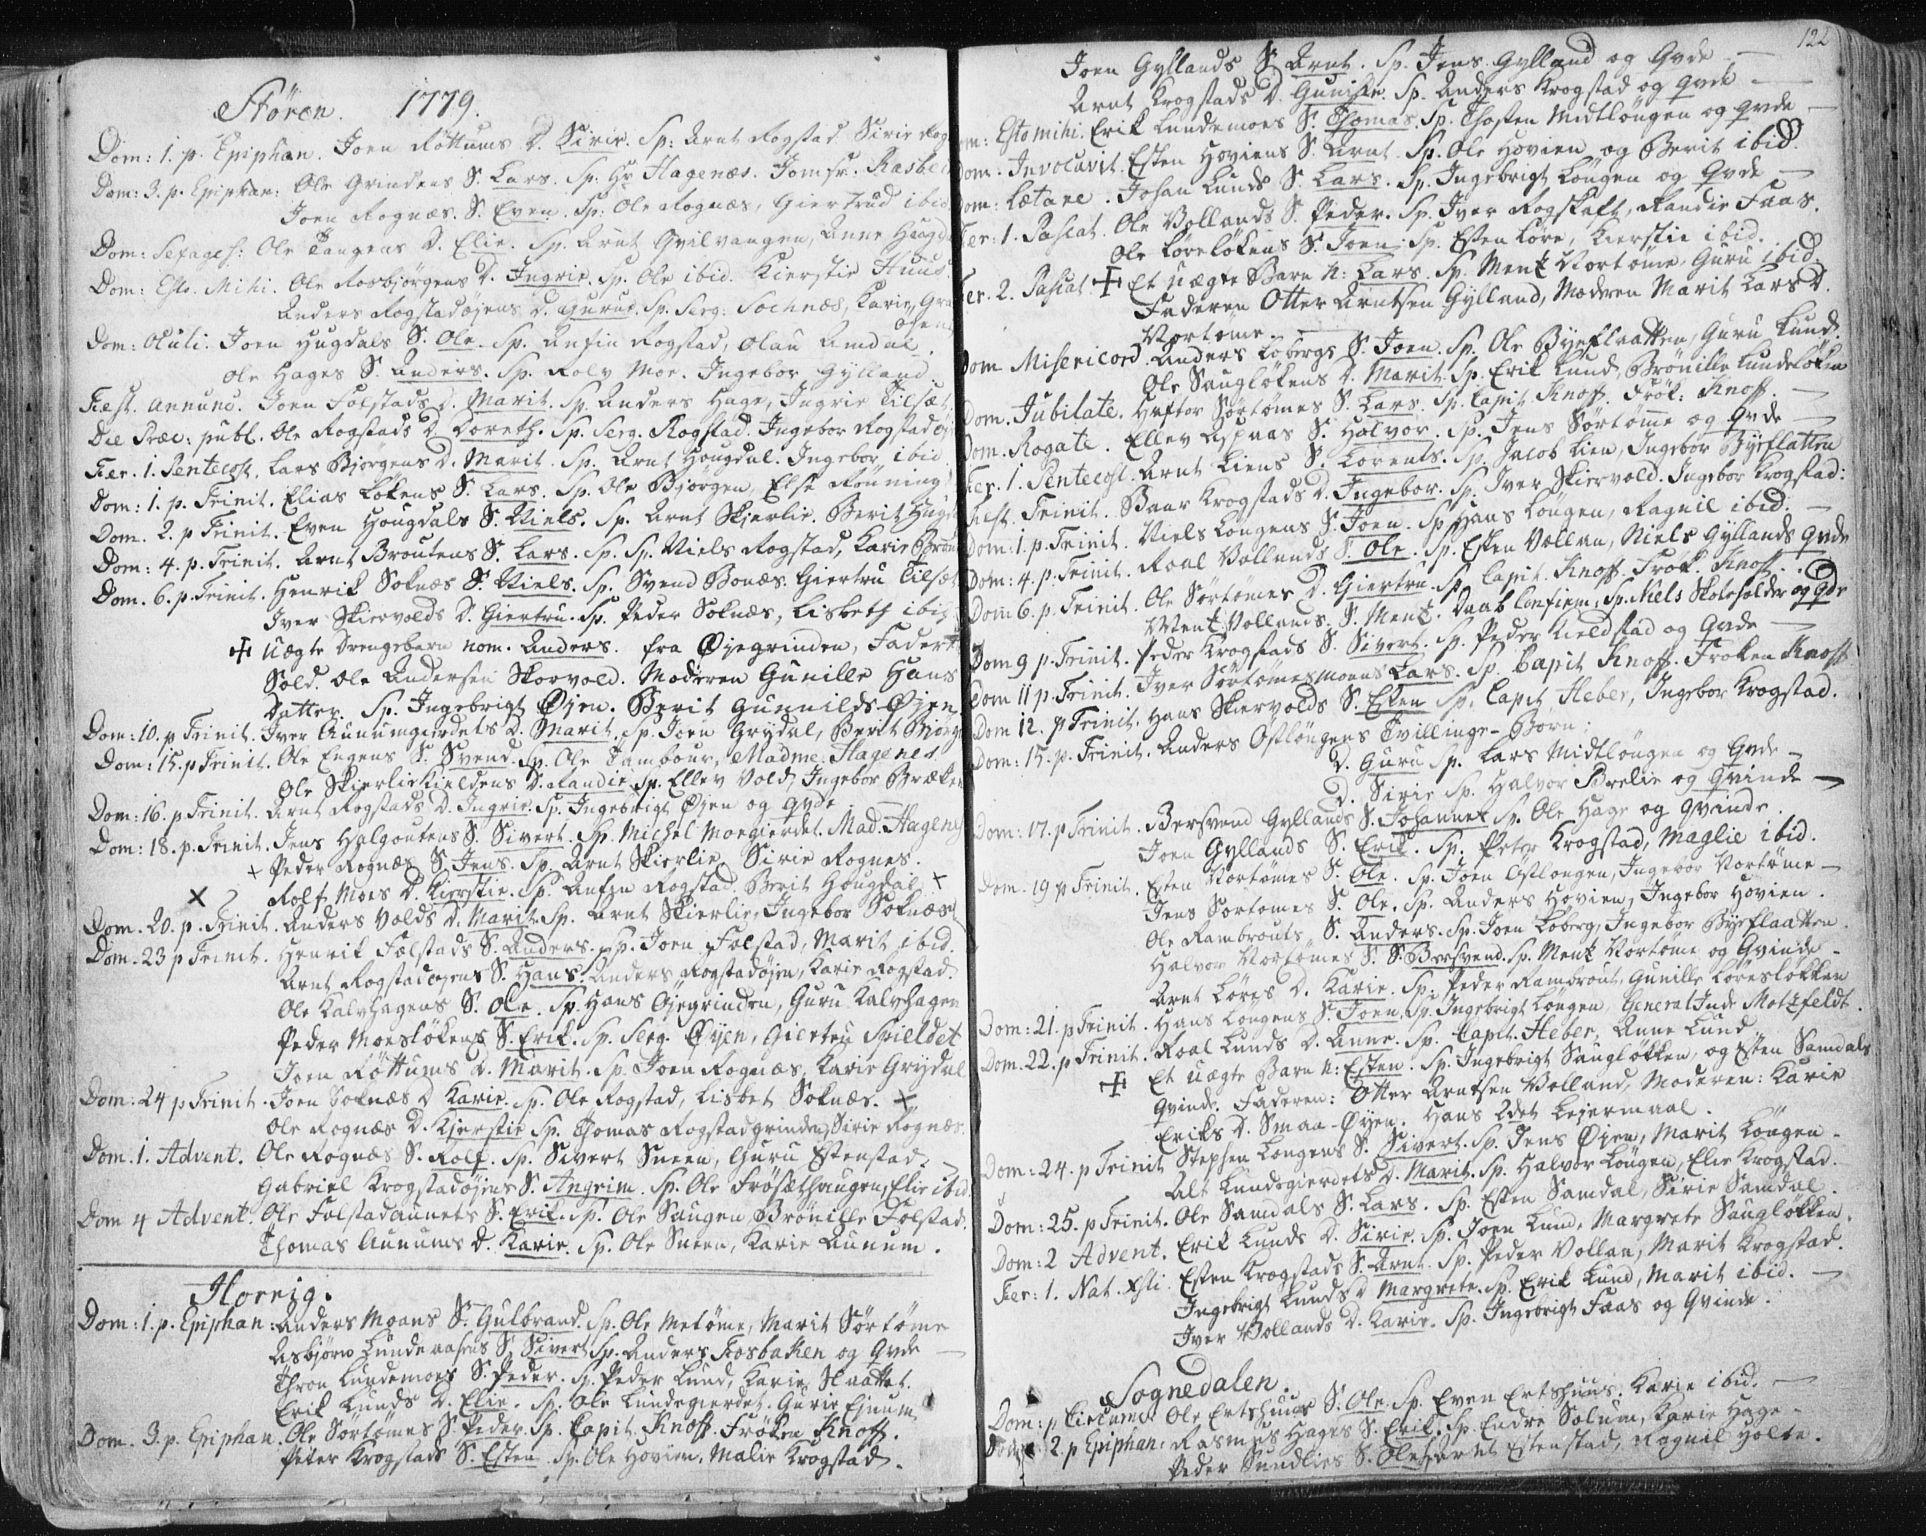 SAT, Ministerialprotokoller, klokkerbøker og fødselsregistre - Sør-Trøndelag, 687/L0991: Ministerialbok nr. 687A02, 1747-1790, s. 122